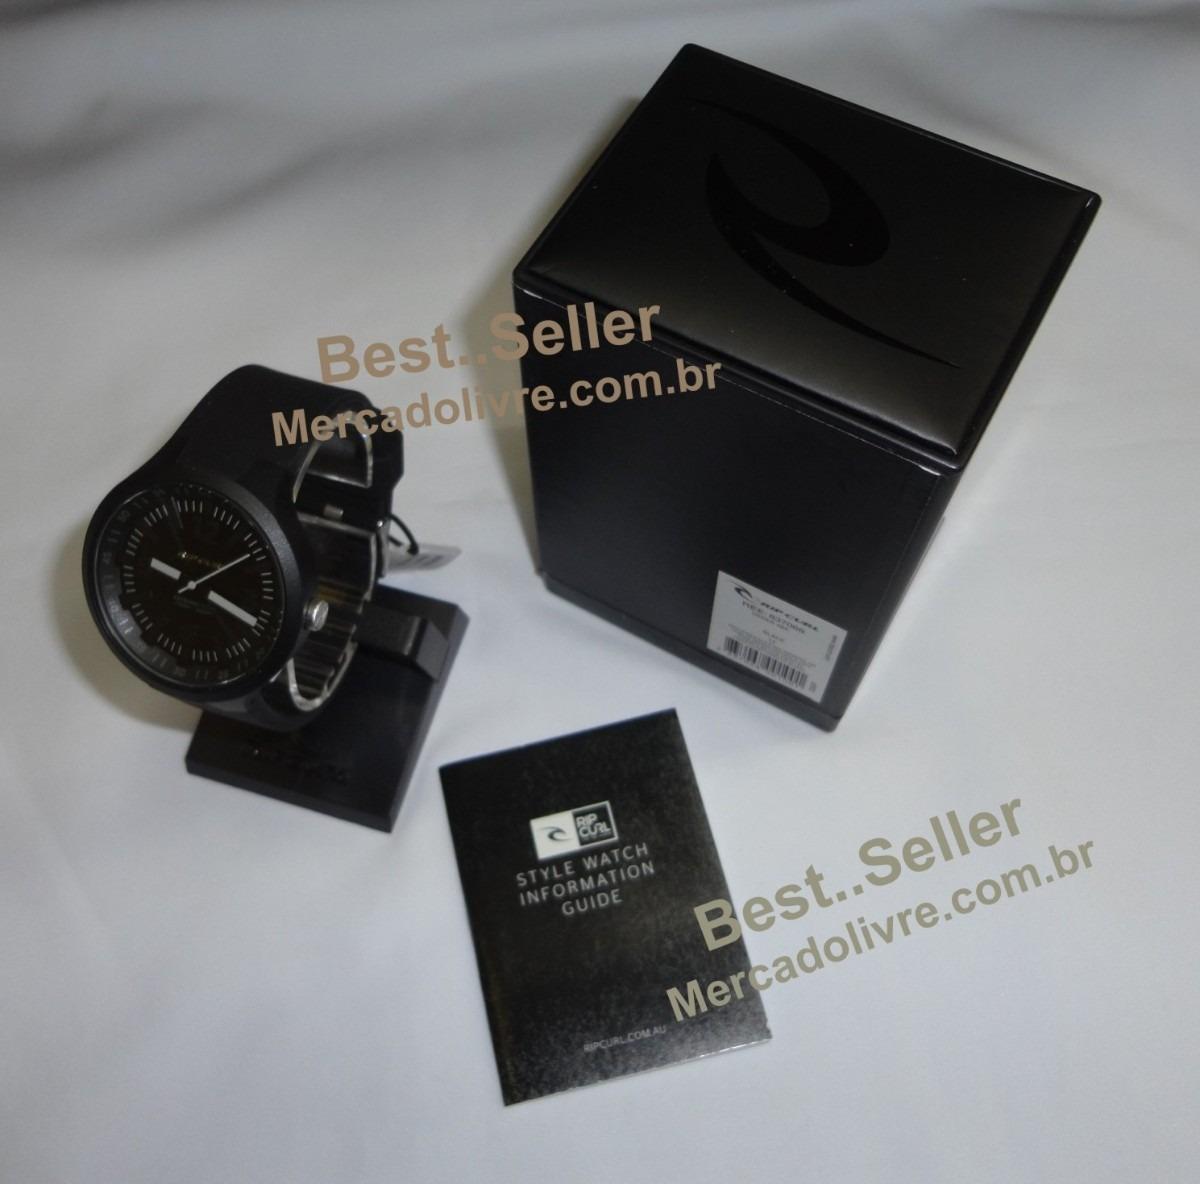 b5233c47491 Relógio Rip Curl Driver Black - Coleção Pivot - R  480